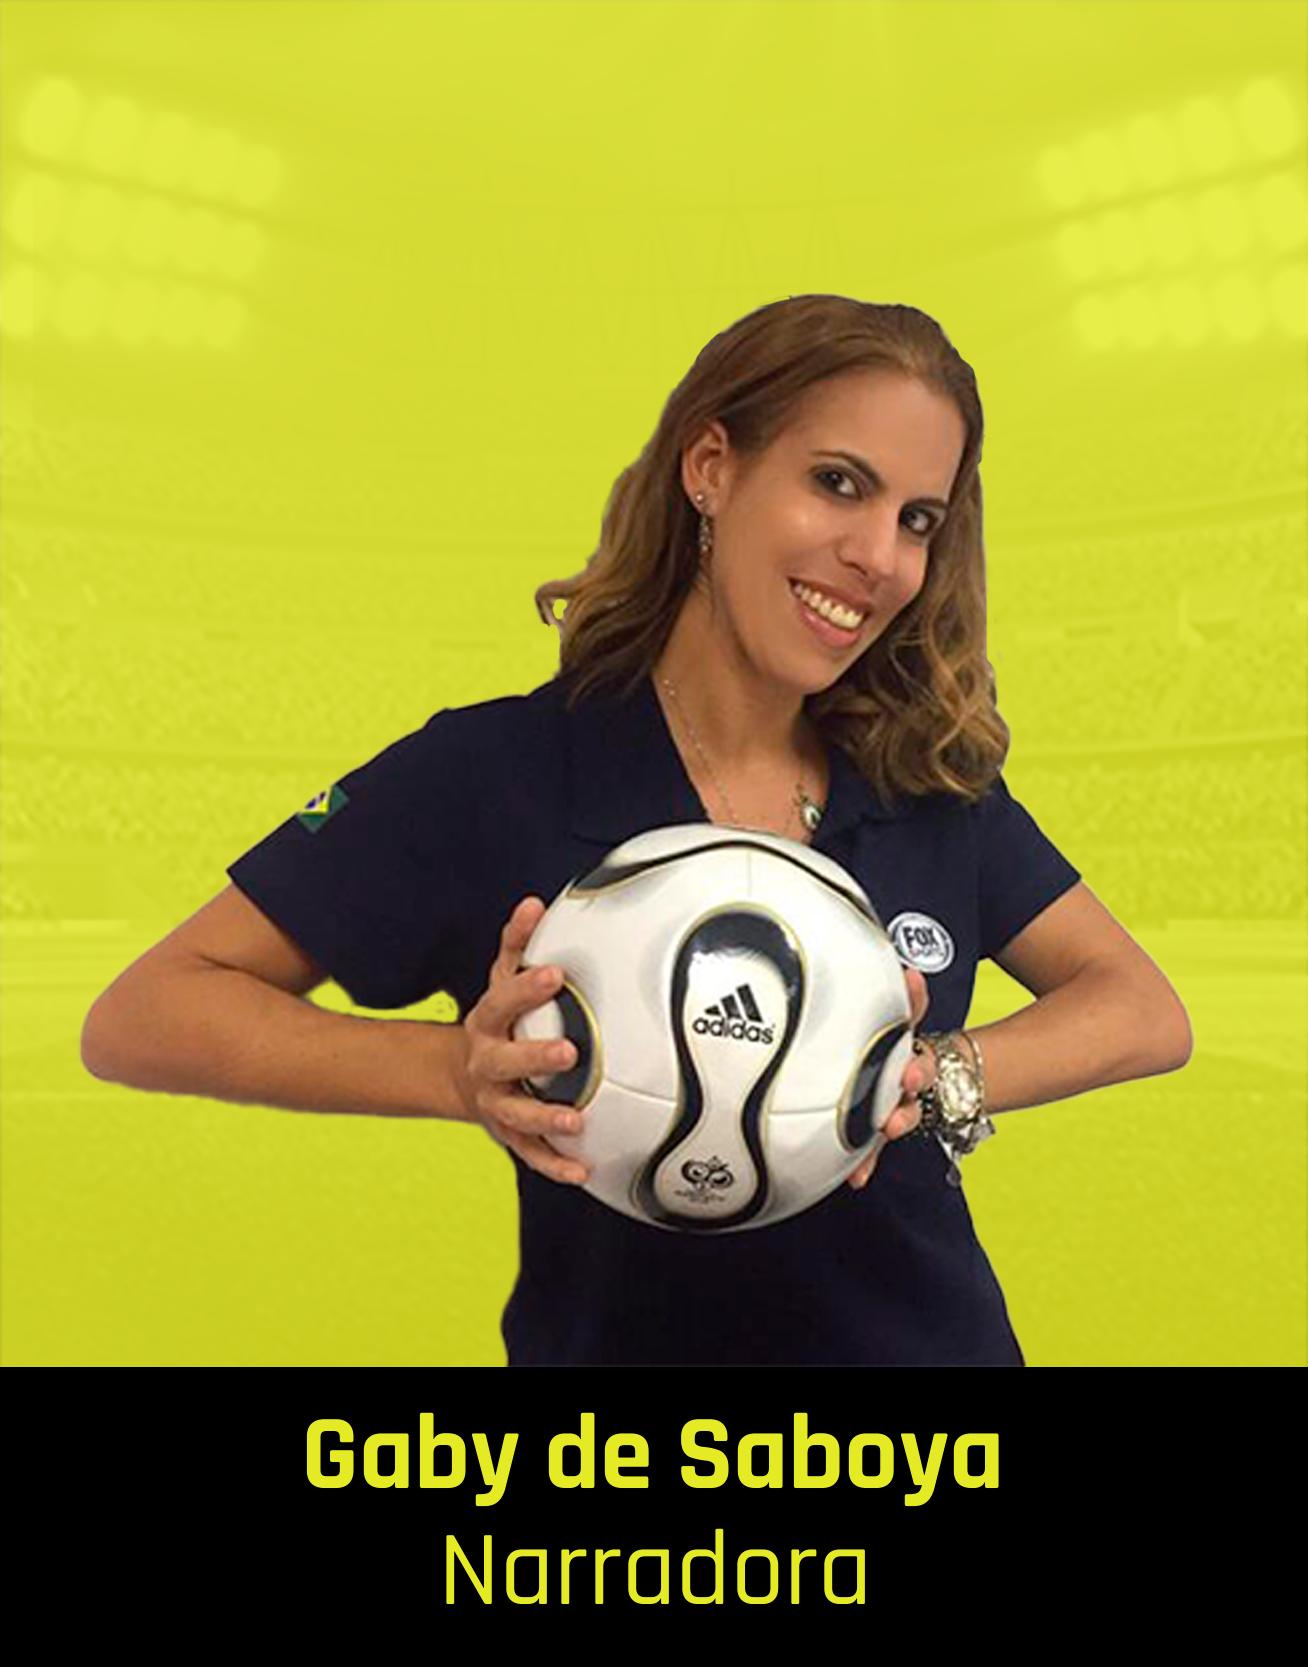 Gaby de Saboya